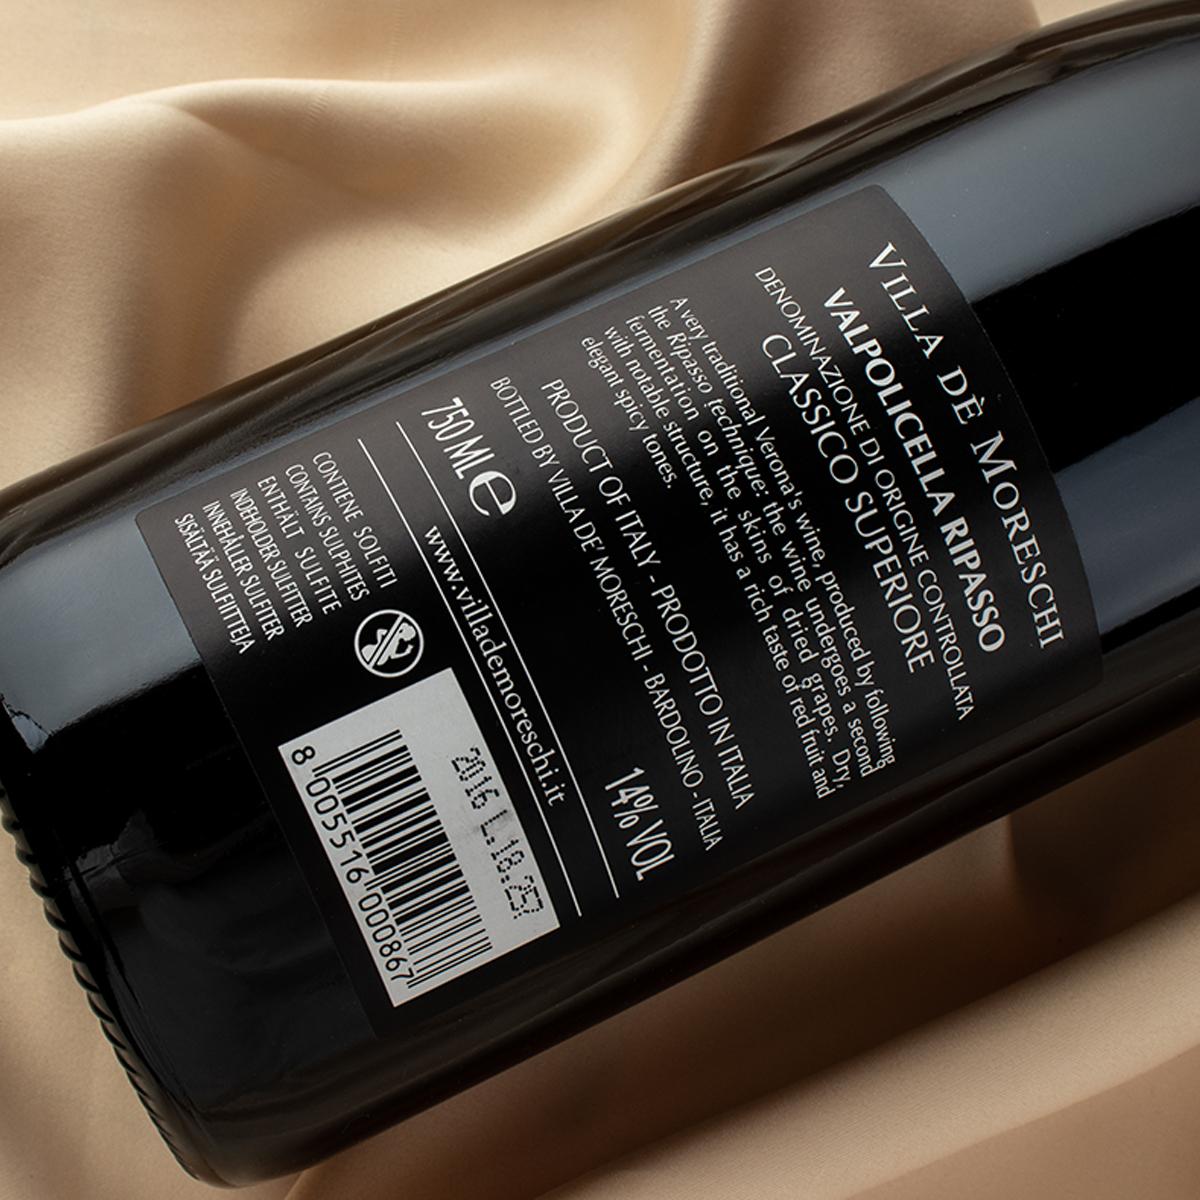 意大利威尼托莫里斯基酒庄混酿里帕索DOC干红葡萄酒